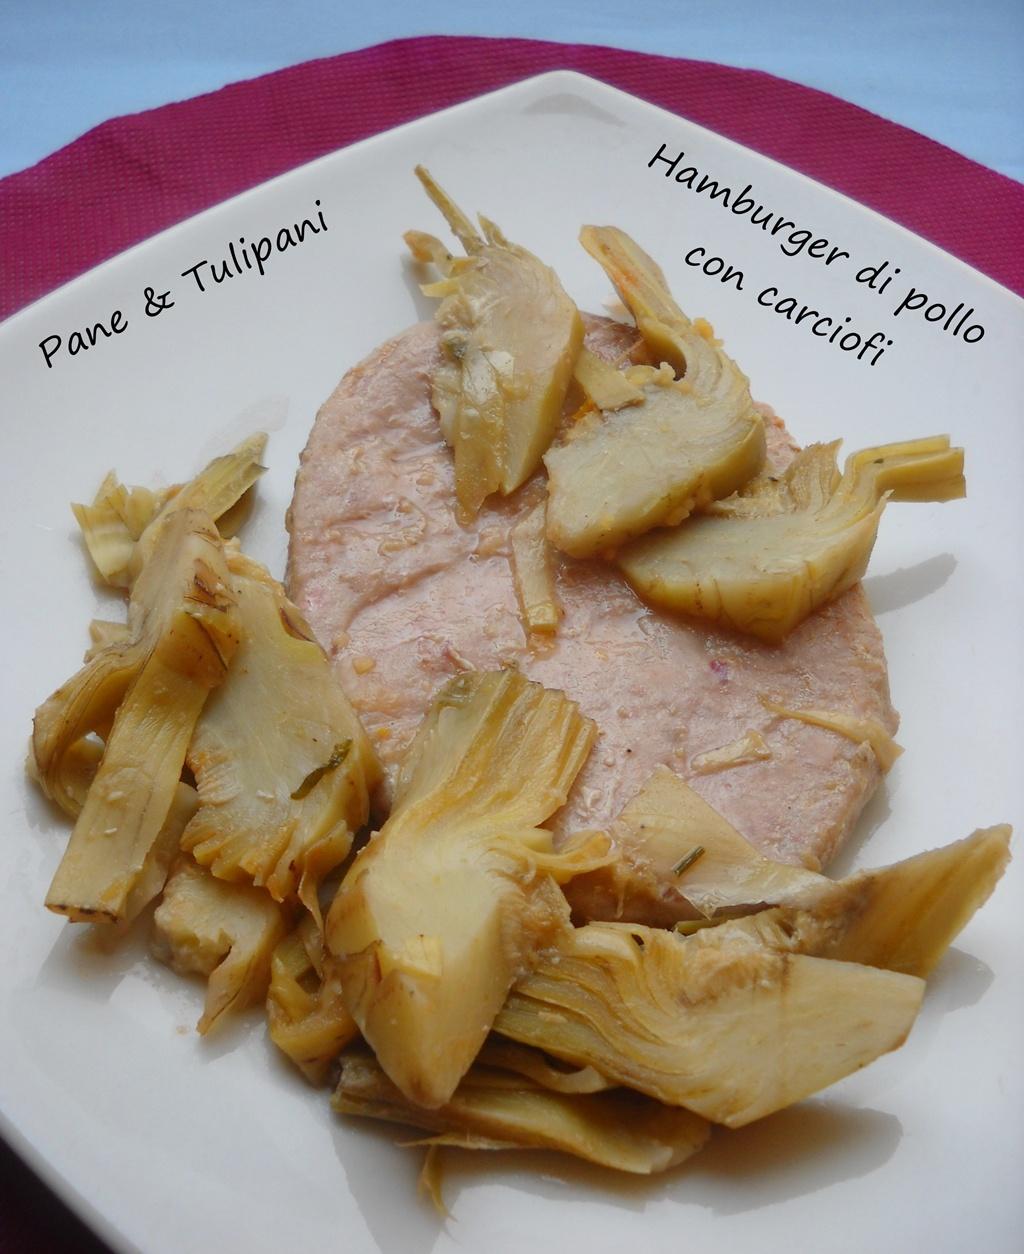 hamburger di pollo con carciofini